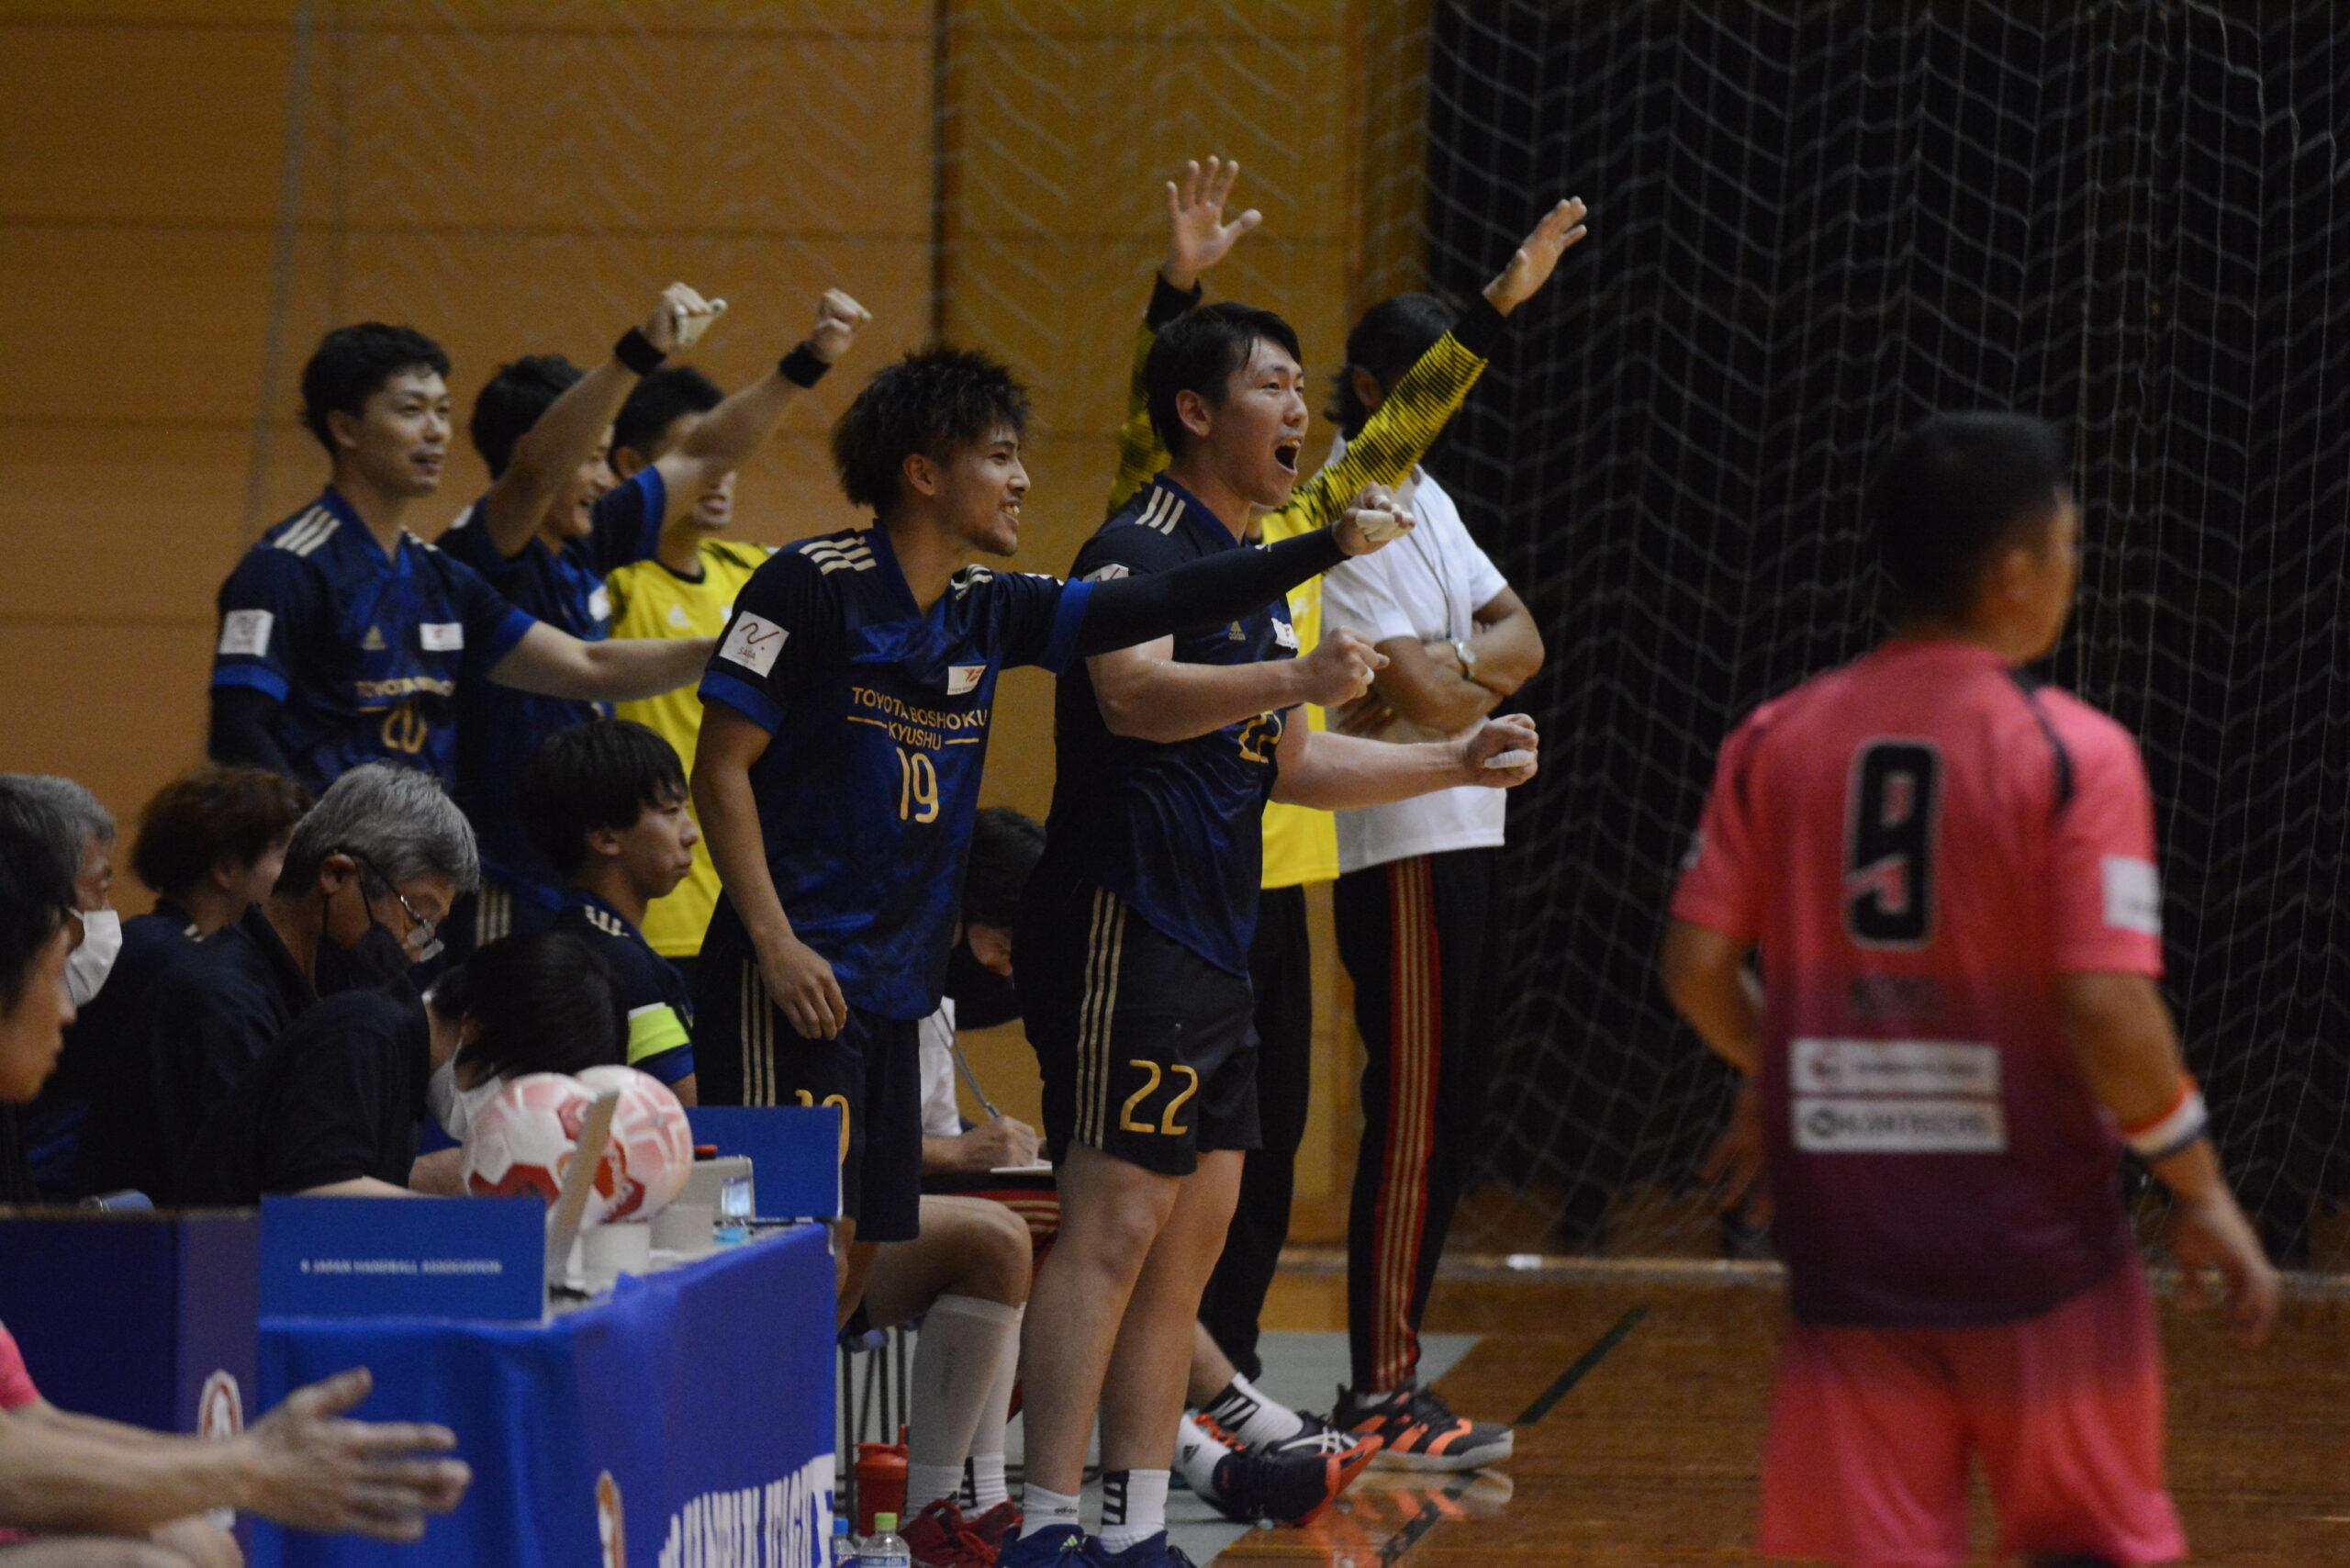 リーグ初戦、福岡撃破。好発進を切る